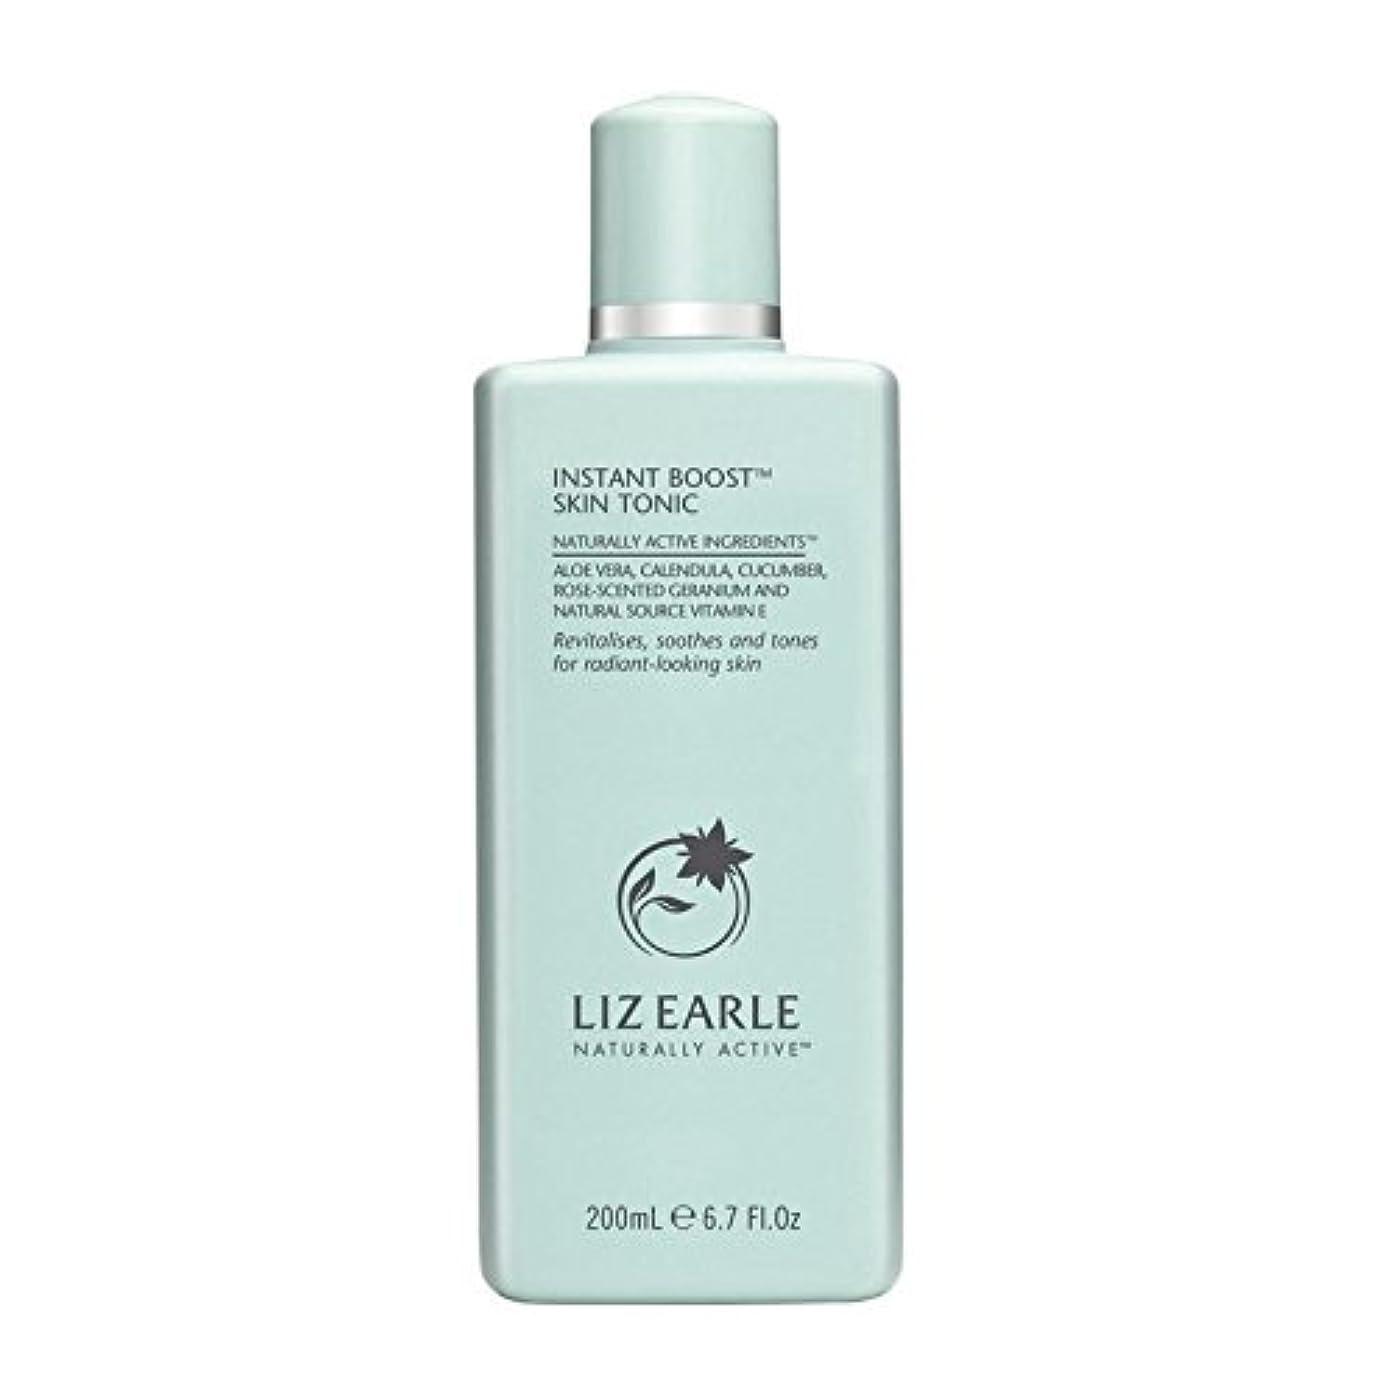 強盗プロジェクター番目Liz Earle Instant Boost Skin Tonic Bottle 200ml - リズアールインスタントブーストスキントニックボトル200ミリリットル [並行輸入品]